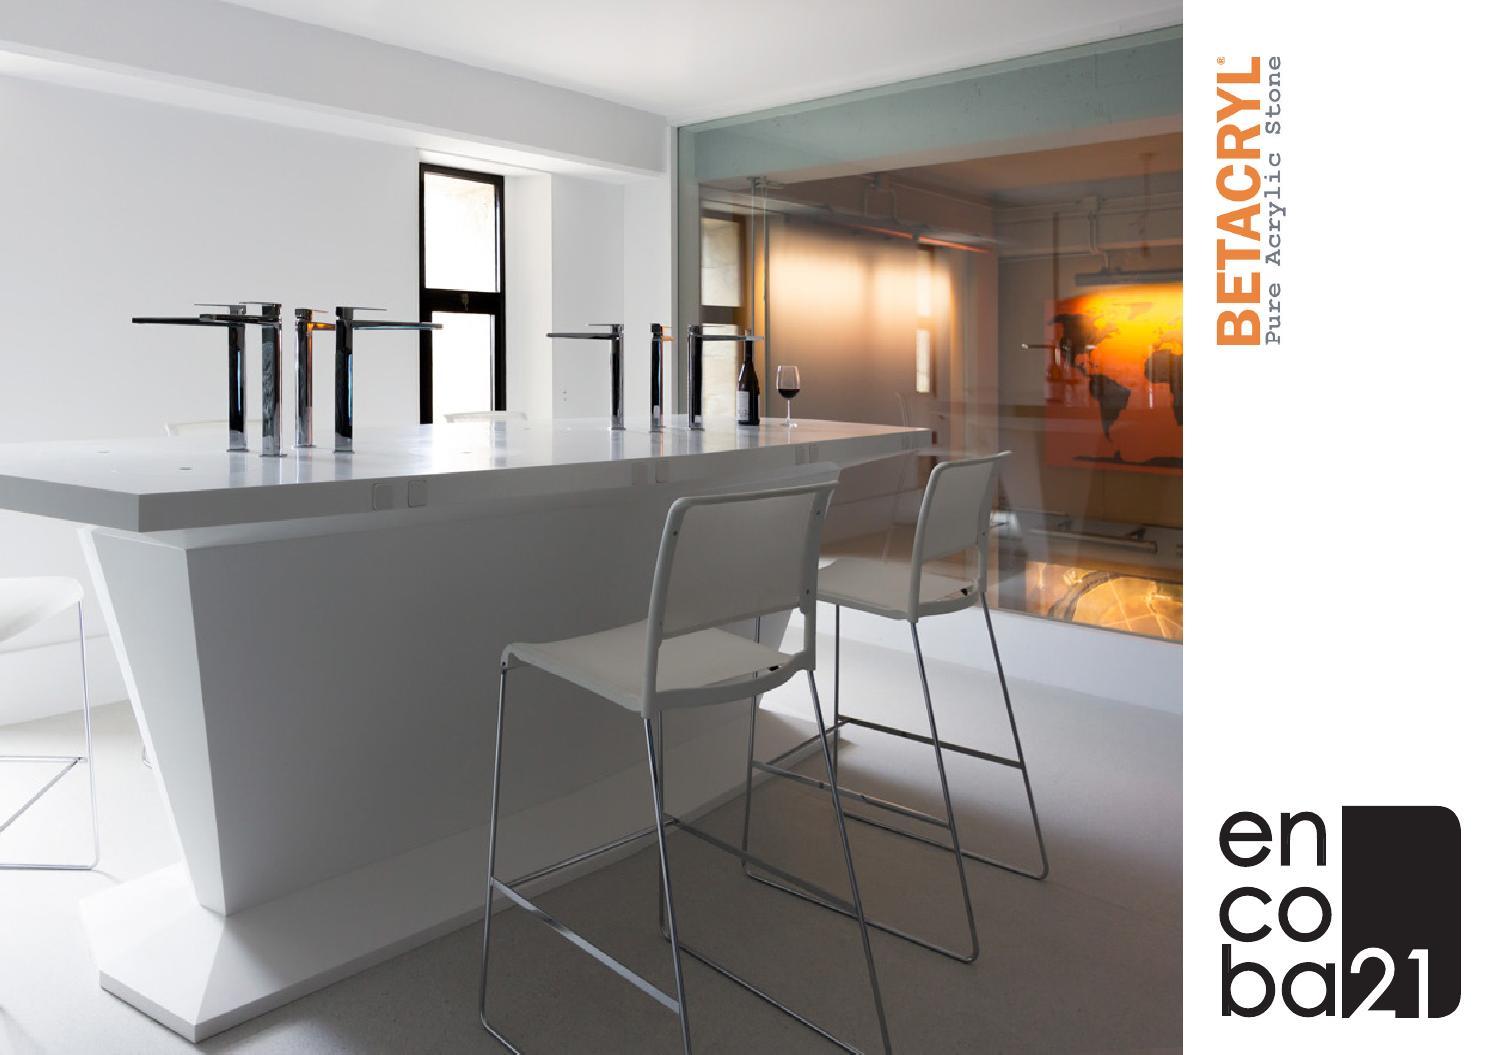 Betacryl Pure Acrylic Stone presentación encoba21 by encoba21 - issuu